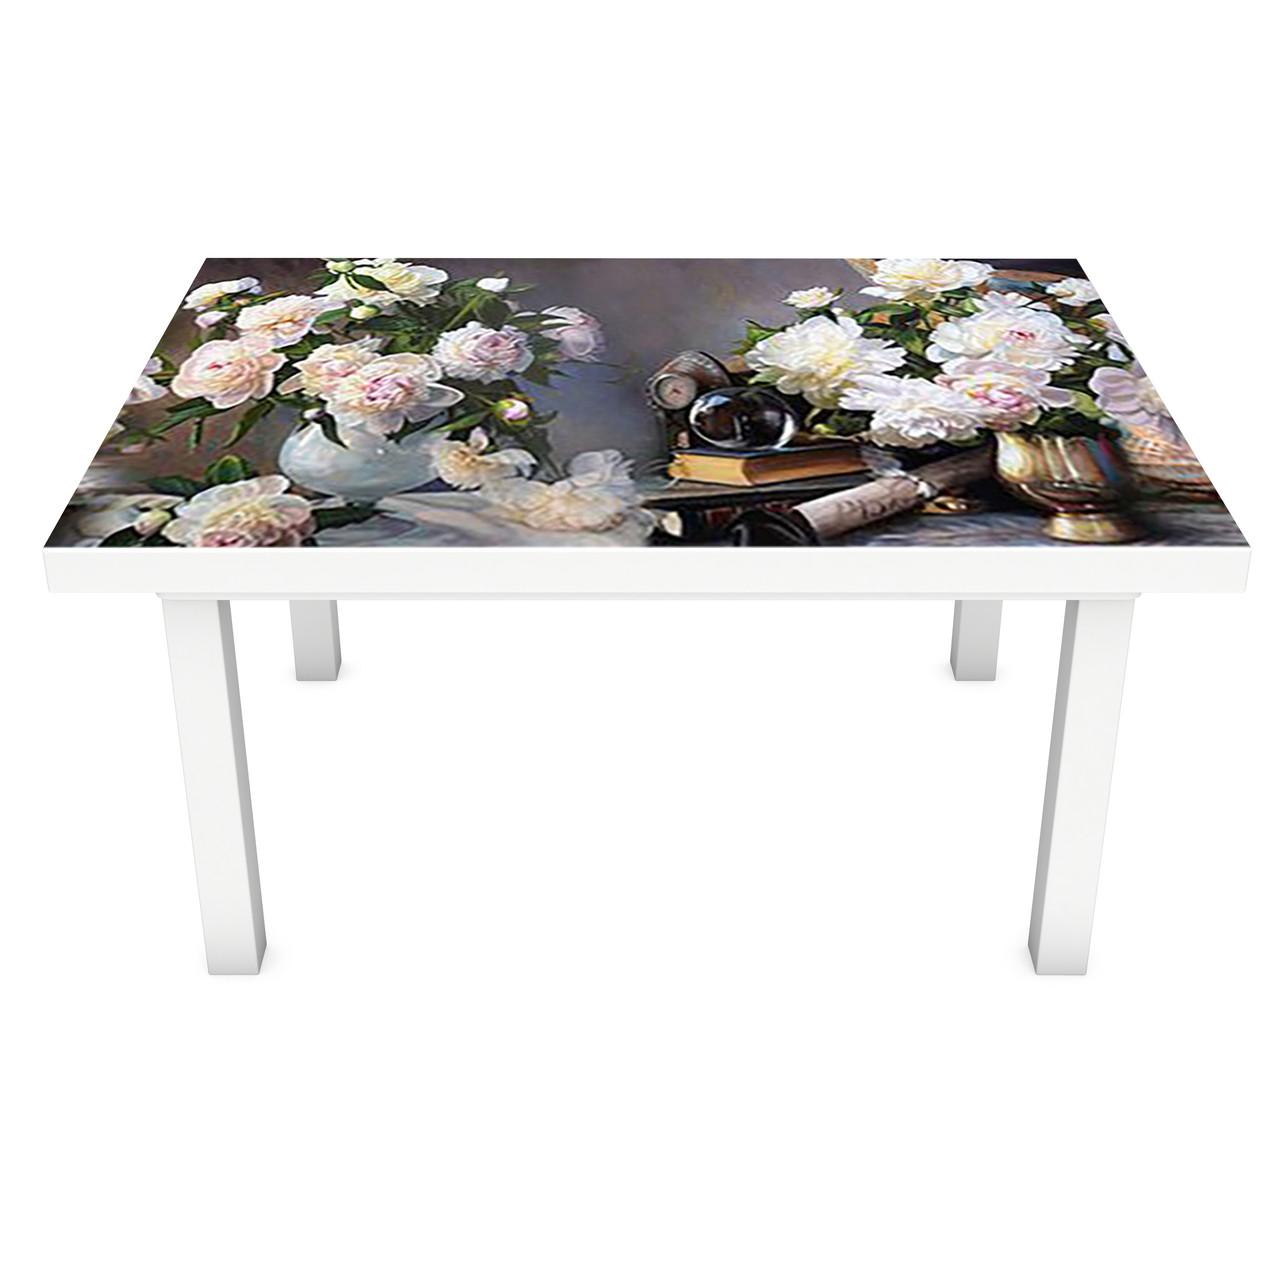 Наклейка на стіл вінілова Аристократичні півонії на меблі інтер'єрна ПВХ 3Д квіти сірий 600*1200 мм